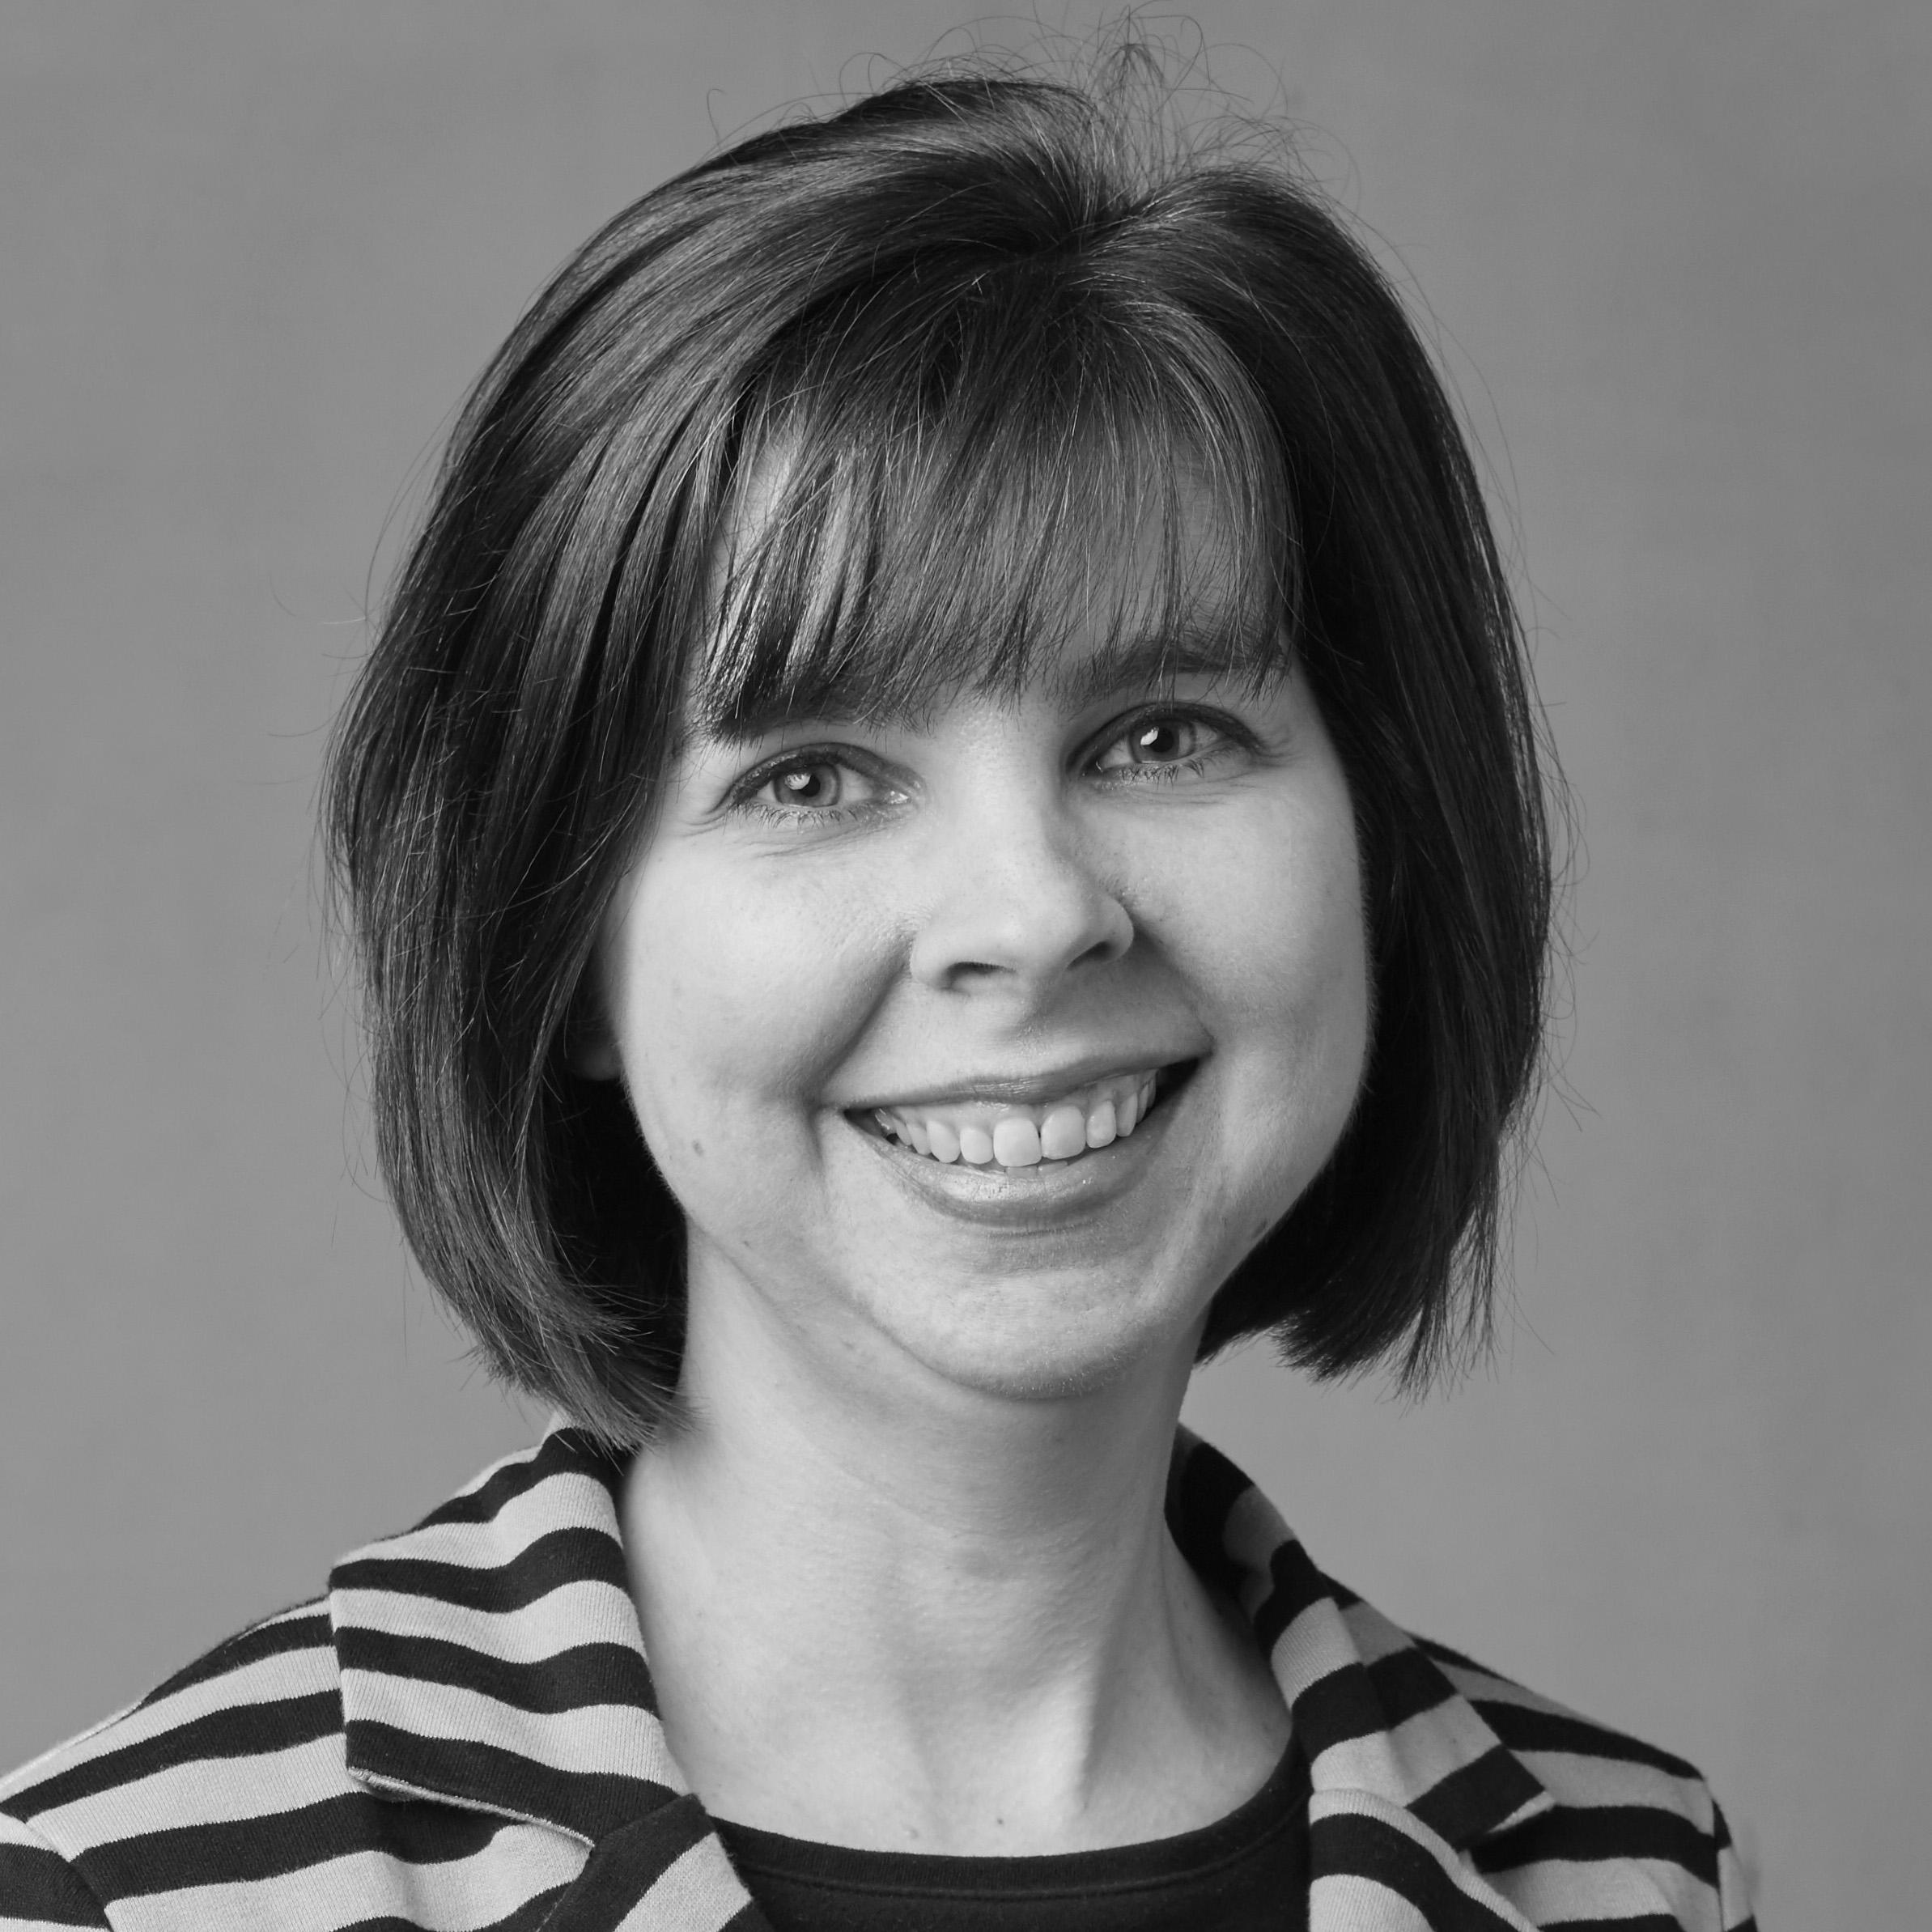 Melissa Schoel